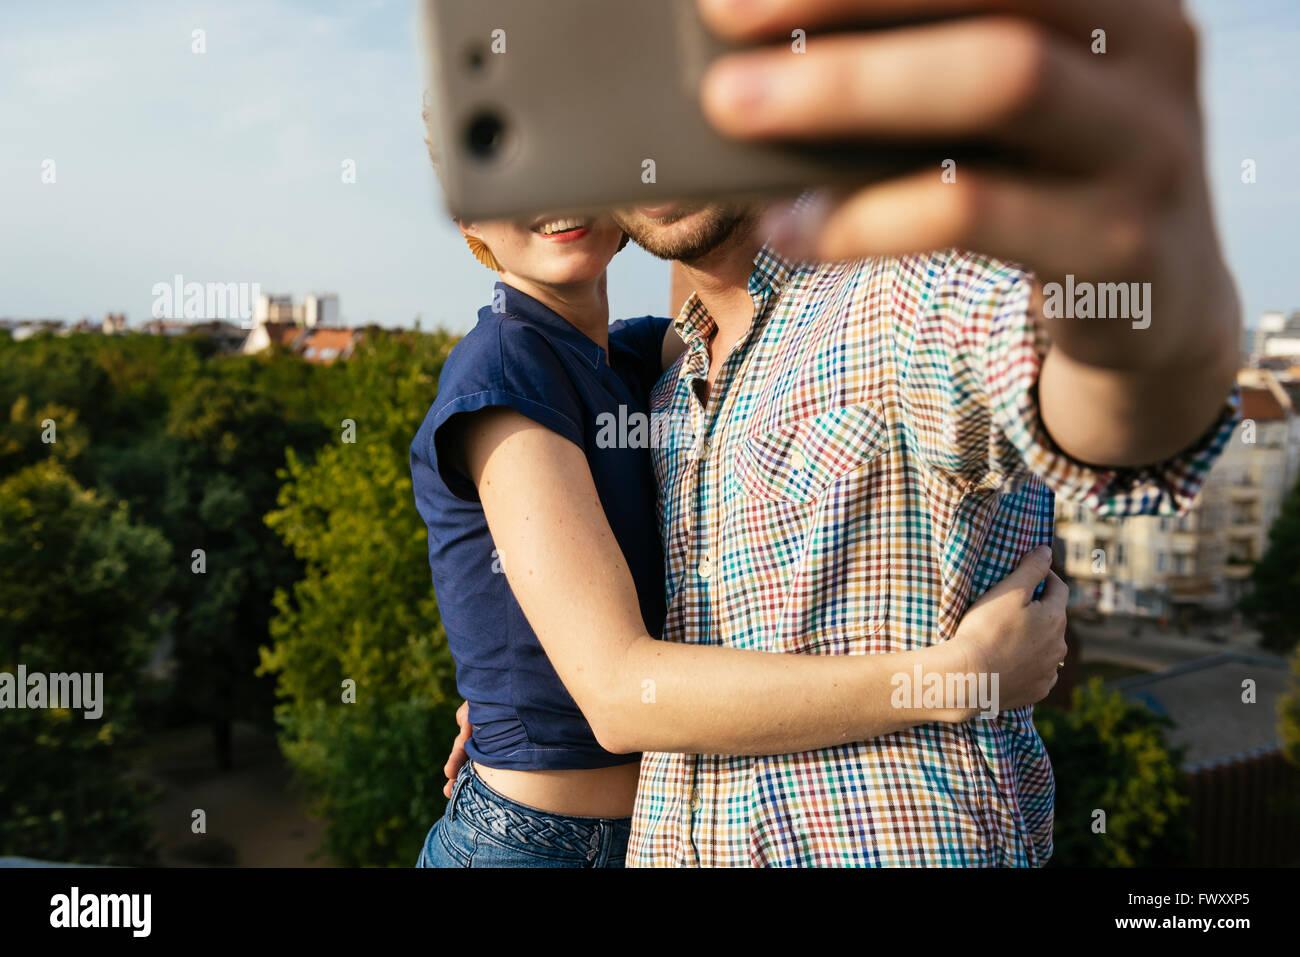 Alemania, Berlín, joven pareja abrazarse y teniendo selfie con teléfonos inteligentes. Foto de stock